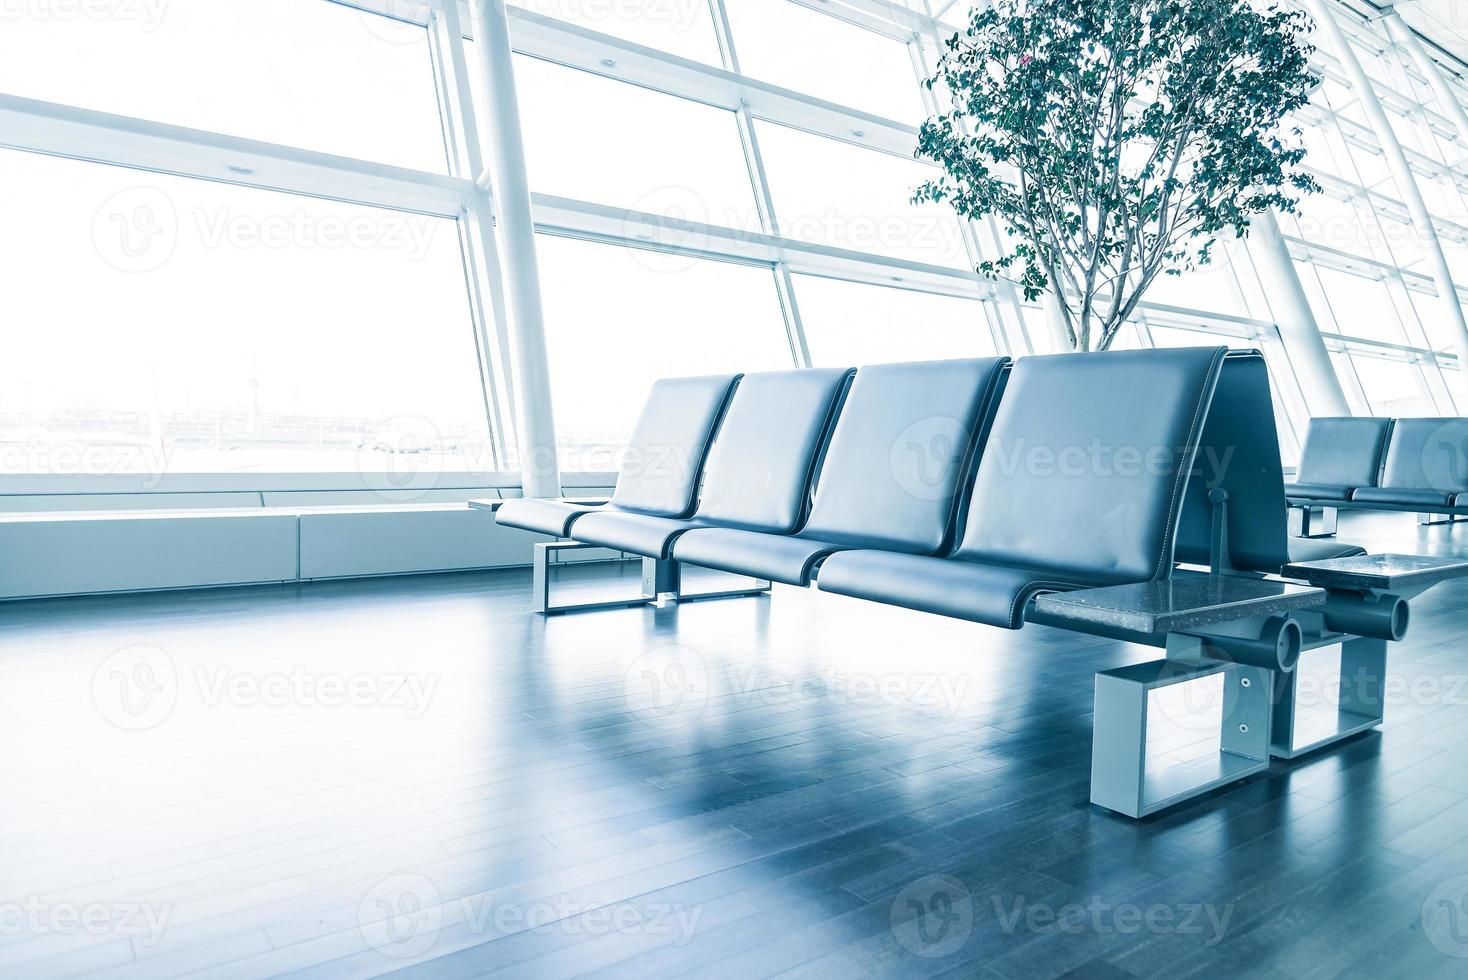 posto vuoto in aeroporto foto